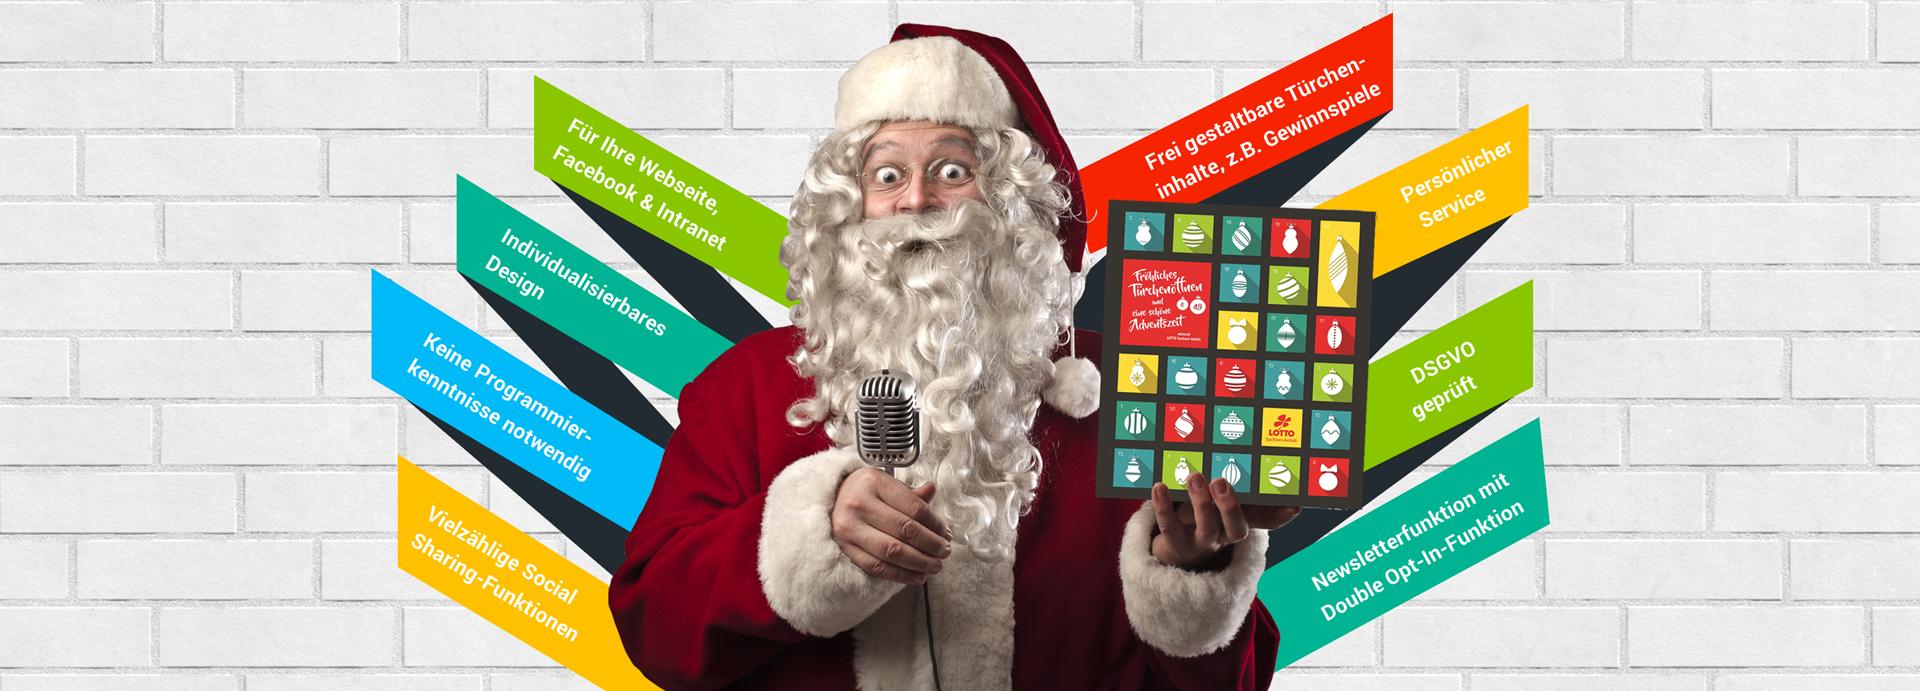 Online Adventskalender erstellen Weihnachtskalender